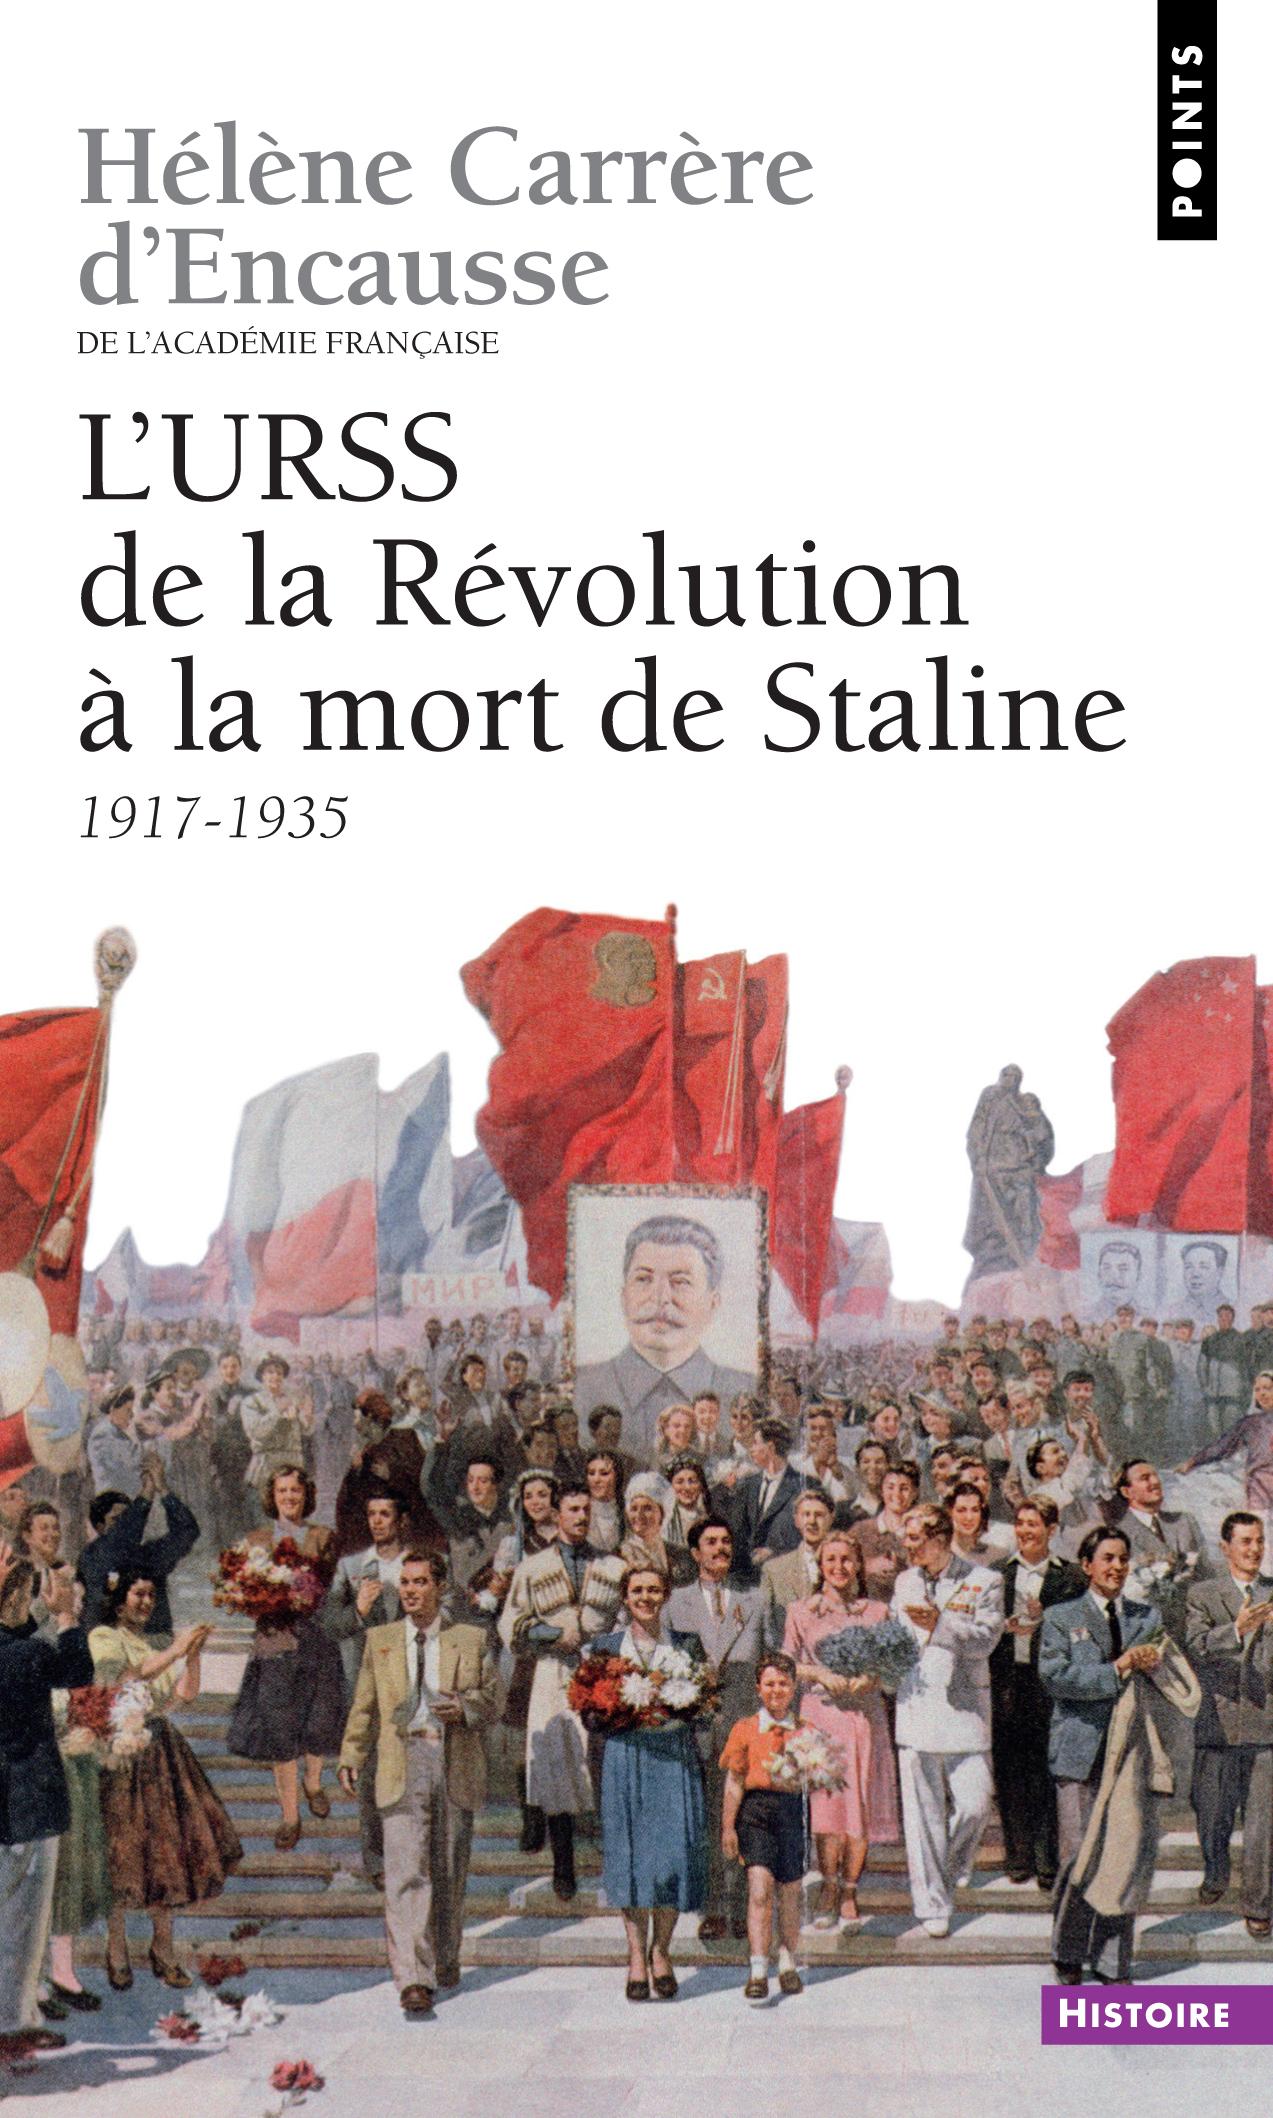 URSS. De la révolution à la mort de Staline (1917-1953) (L')